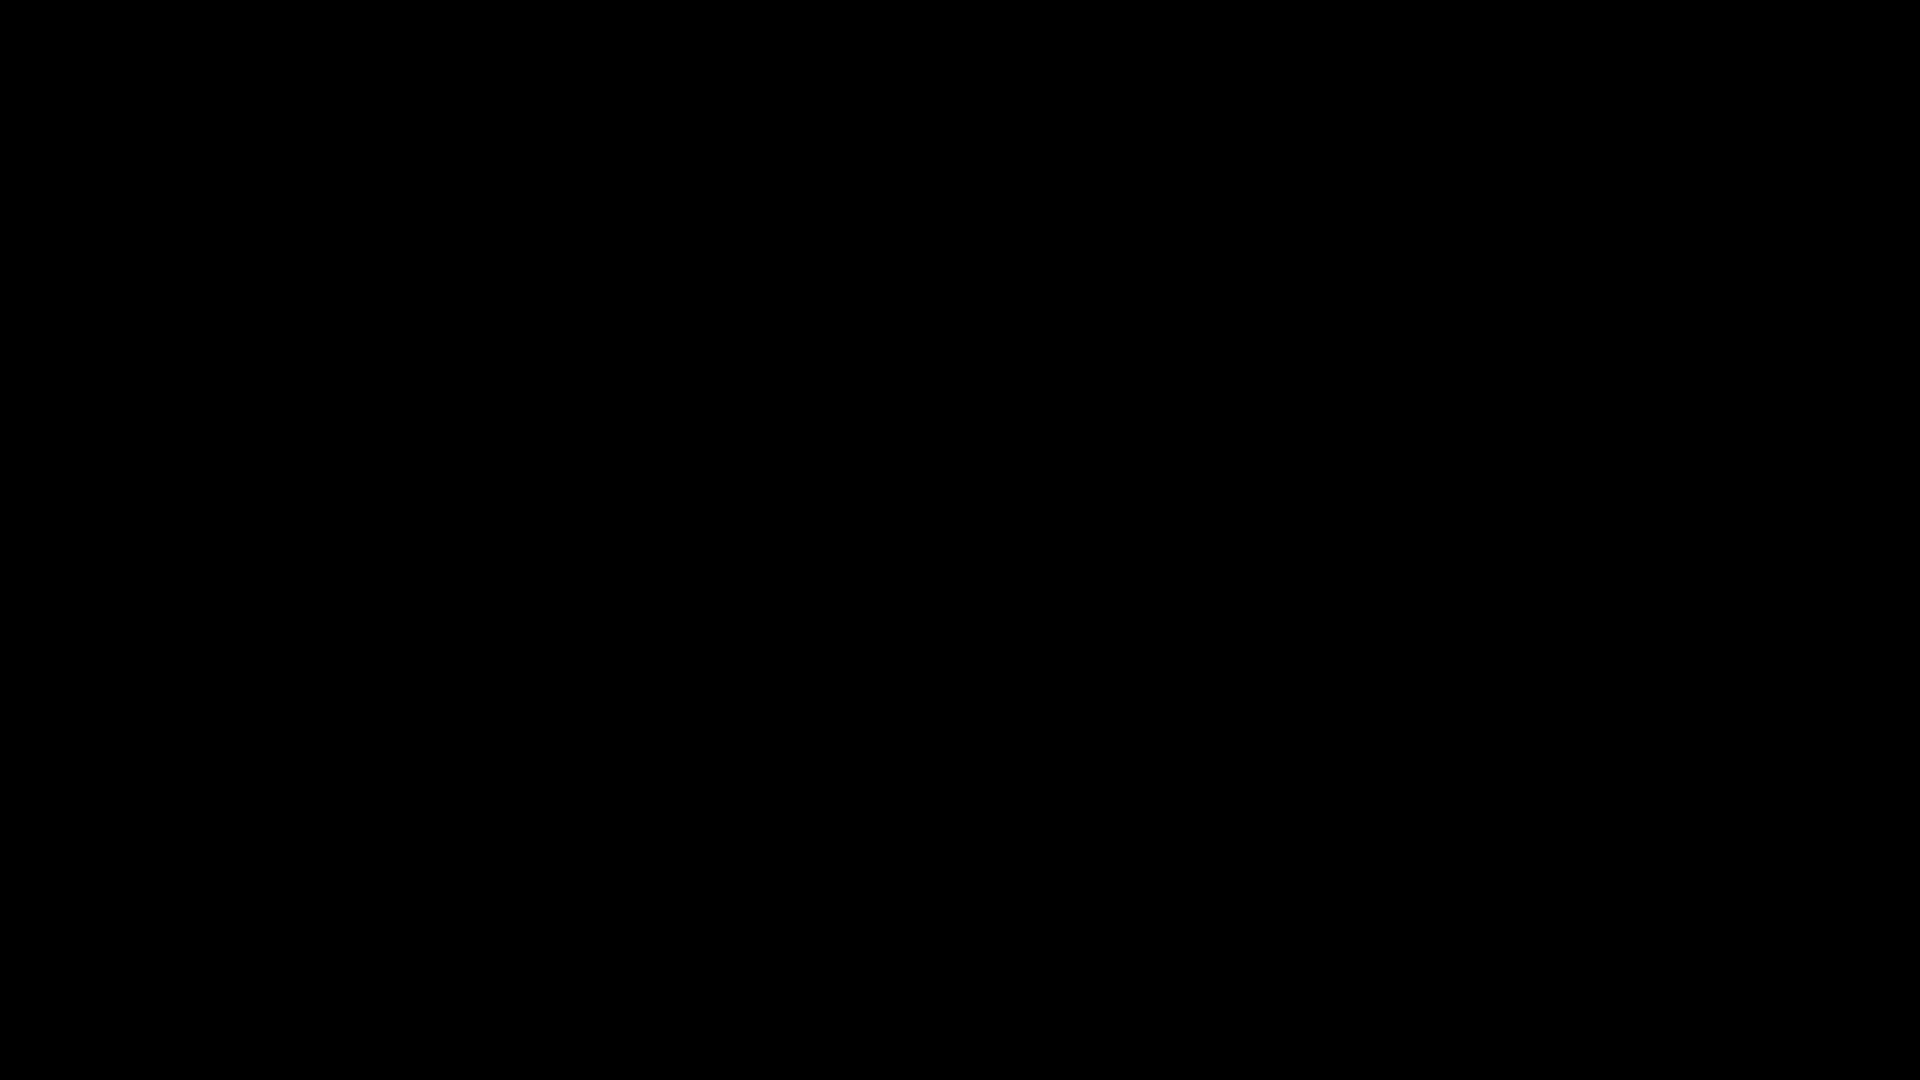 Порно реально гигантских сисек мария мур фото